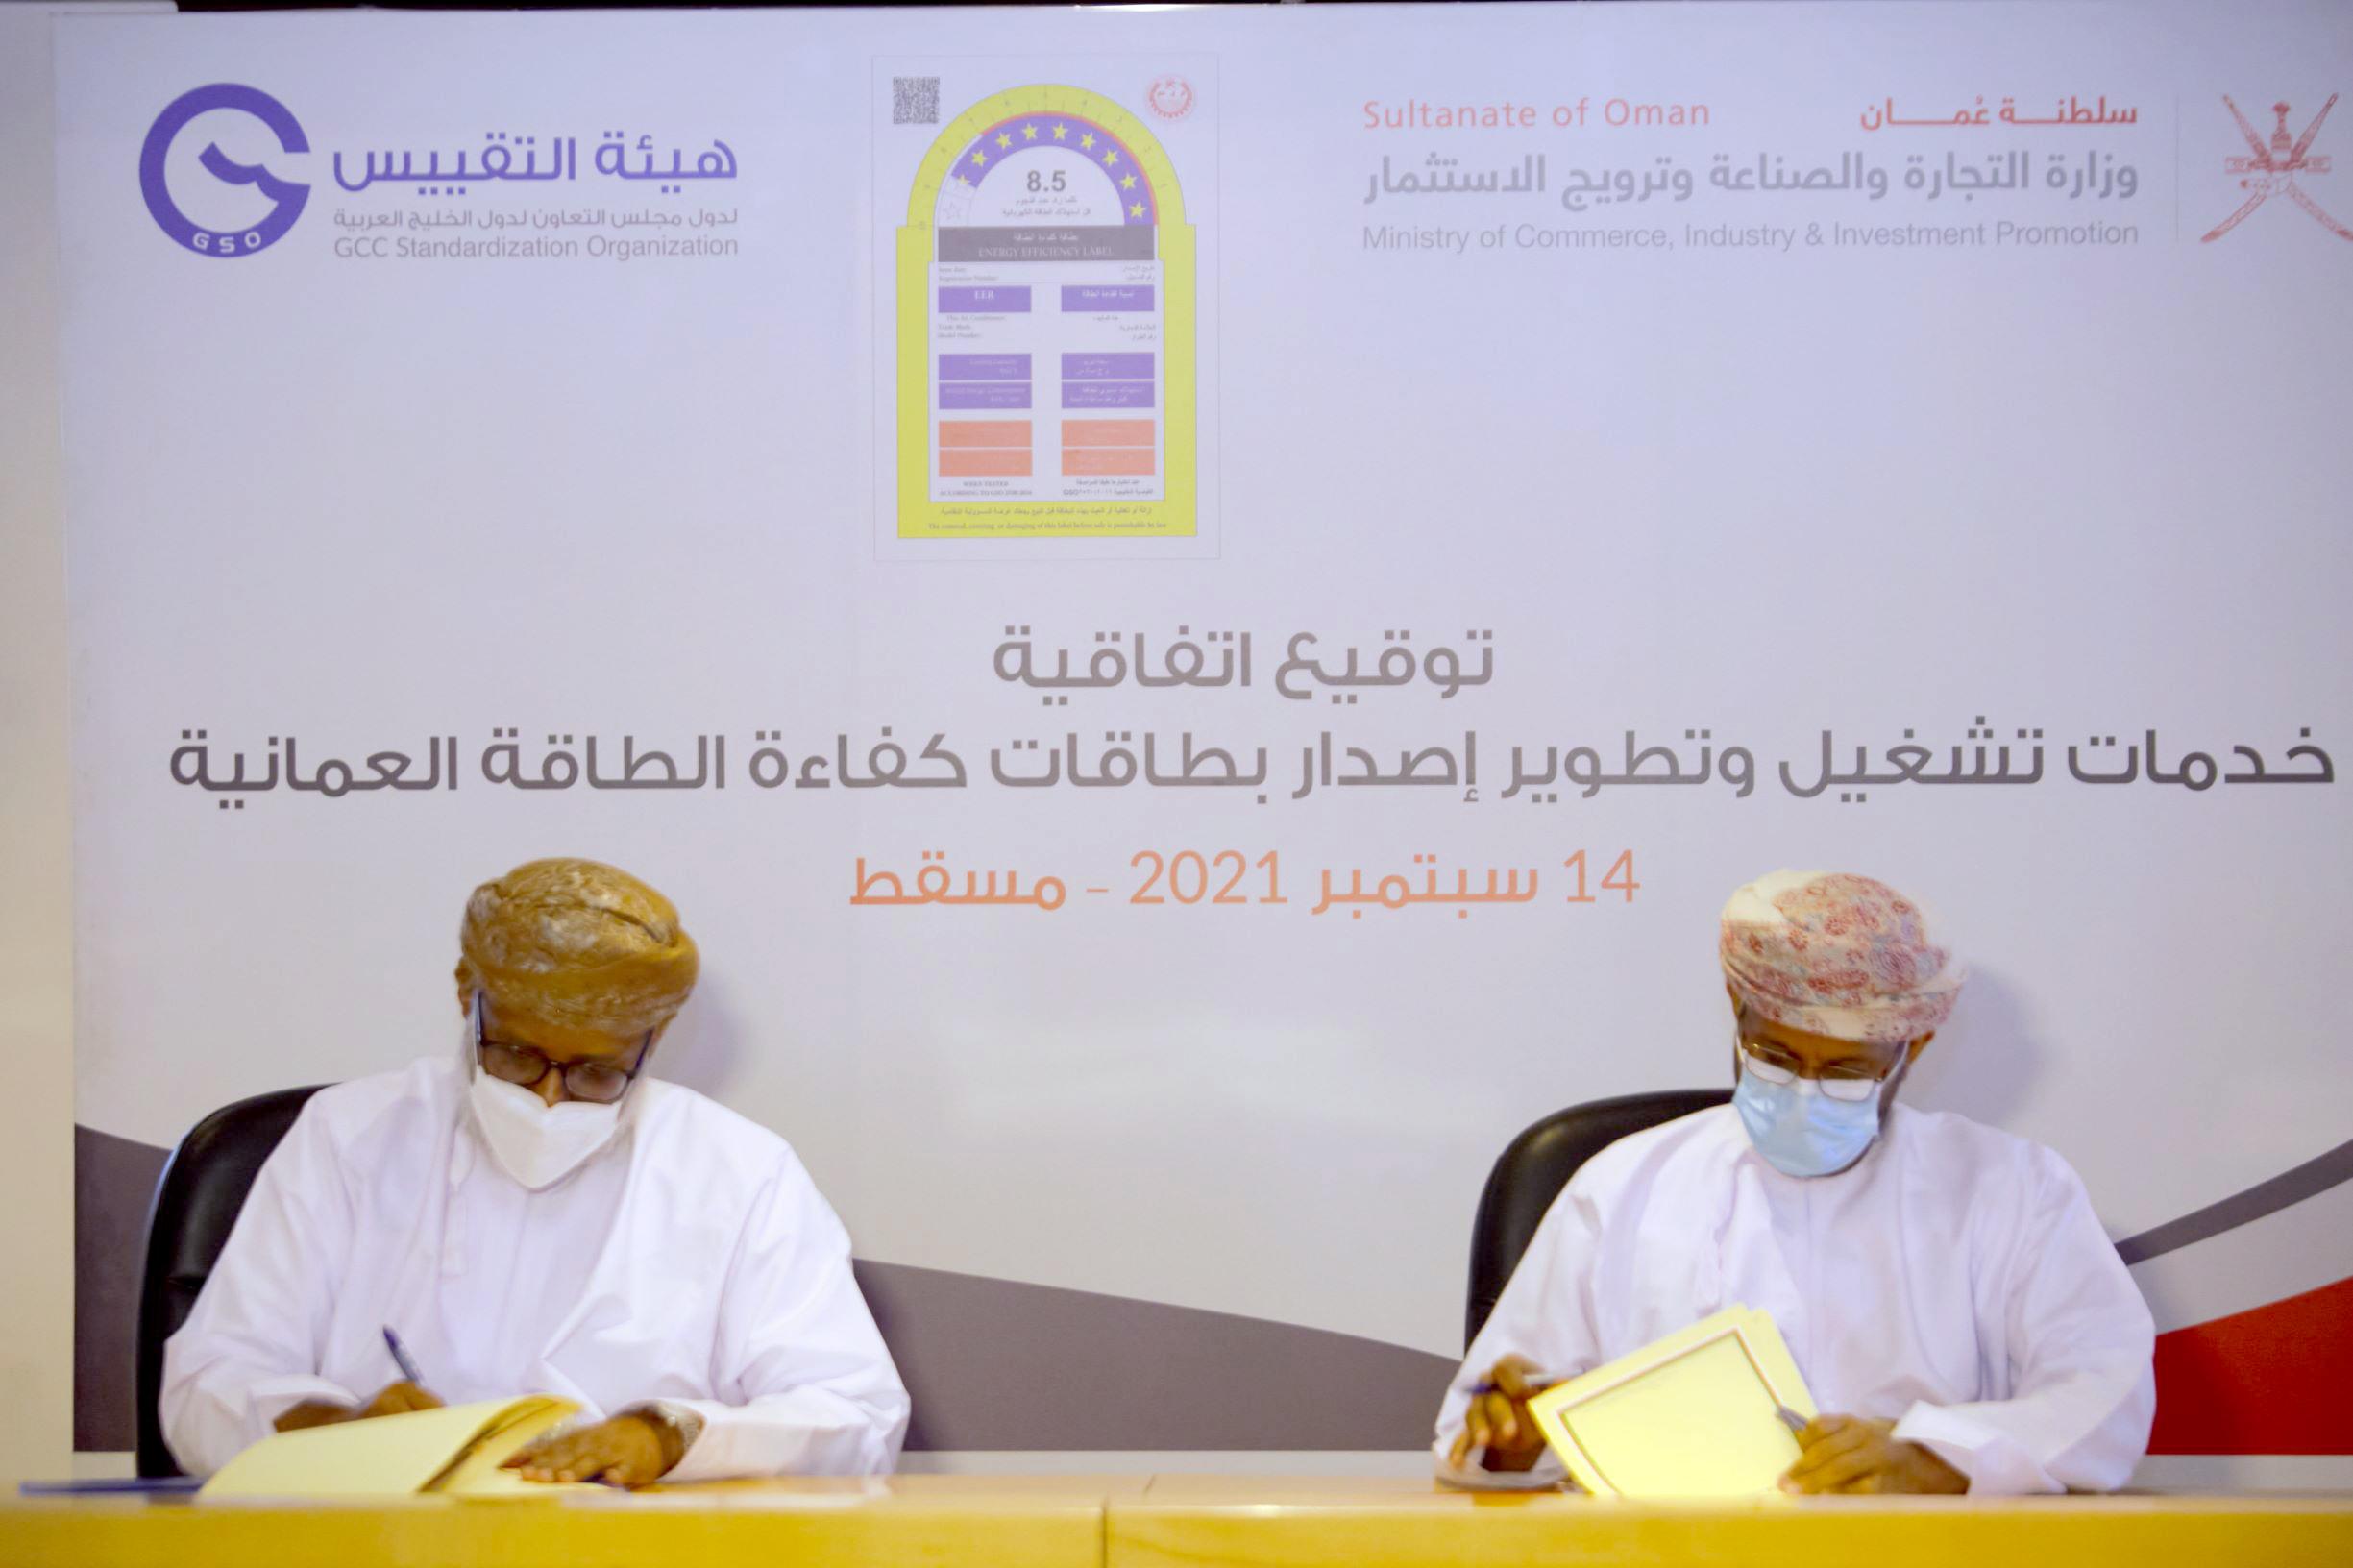 توقيع اتفاقية تشغيل إصدار بطاقات كفاءة الطاقة العمانية بين هيئة التقييس الخليجية ووزارة التجارة والصناعة وترويج الاستثمار بسلطنة عمان